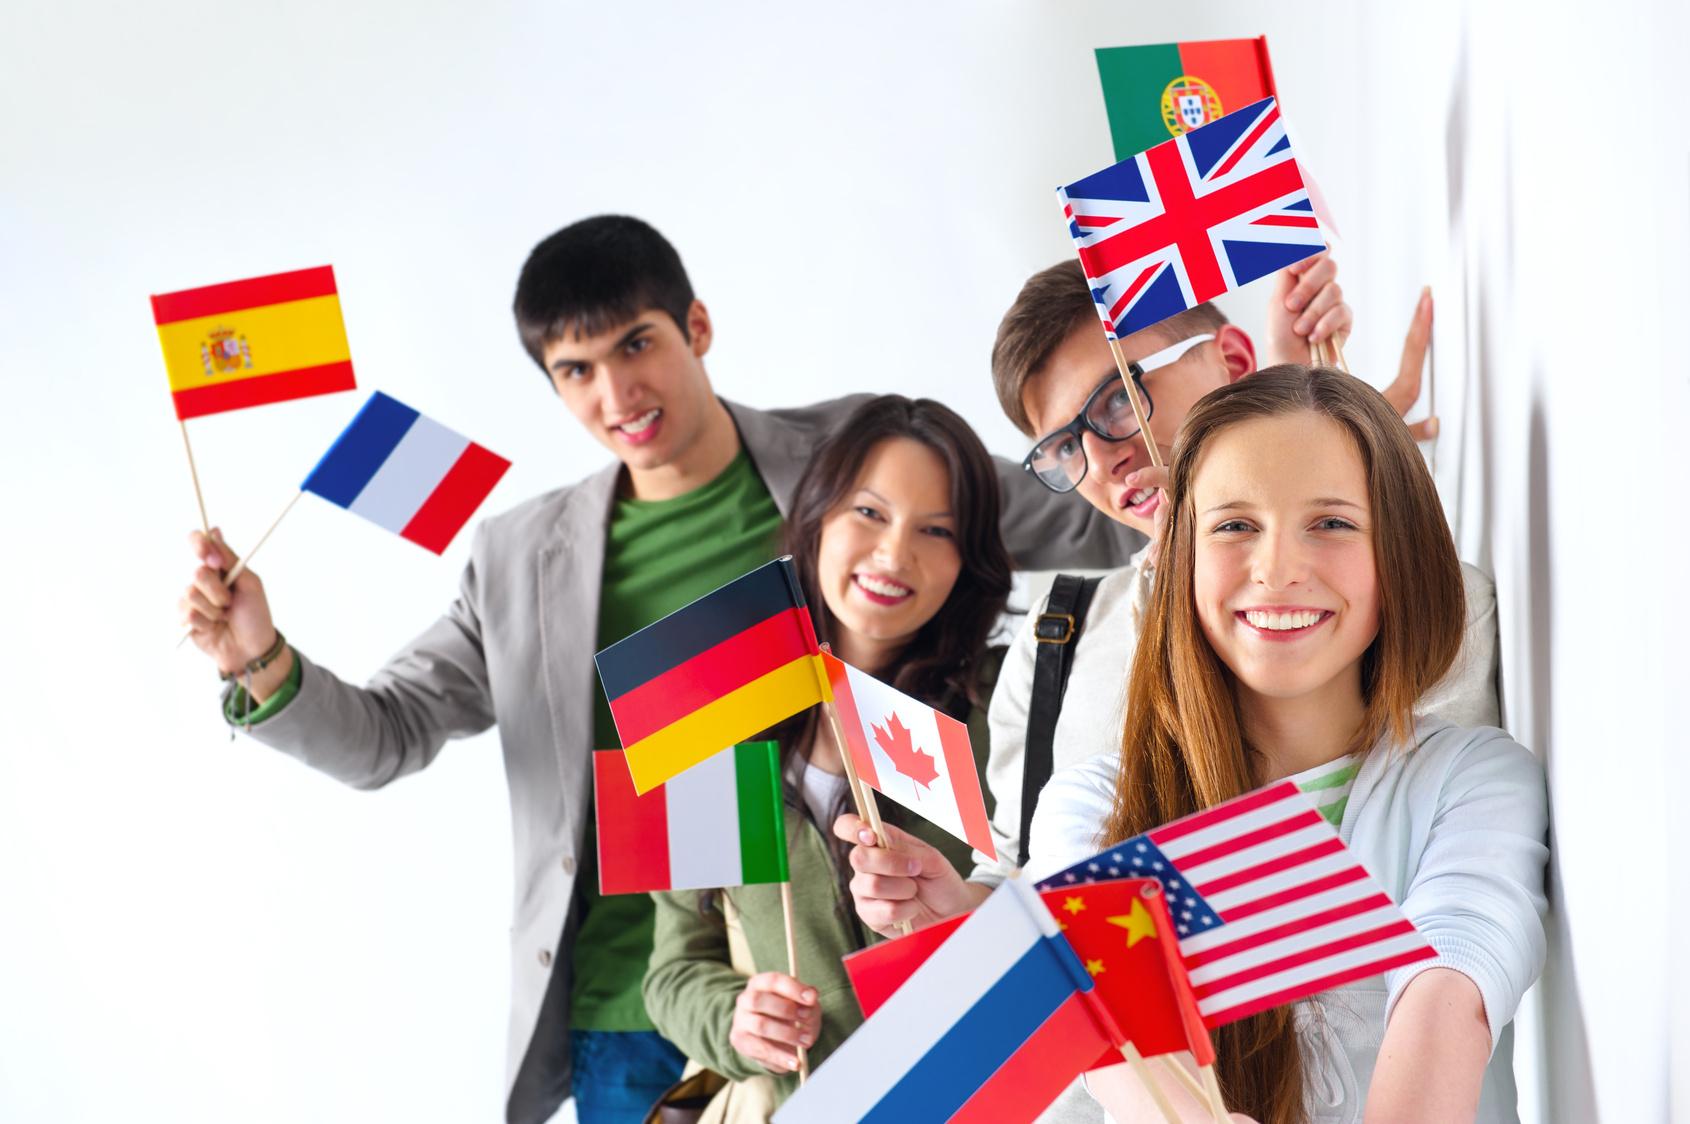 escuelas de ingles en el extranjero: